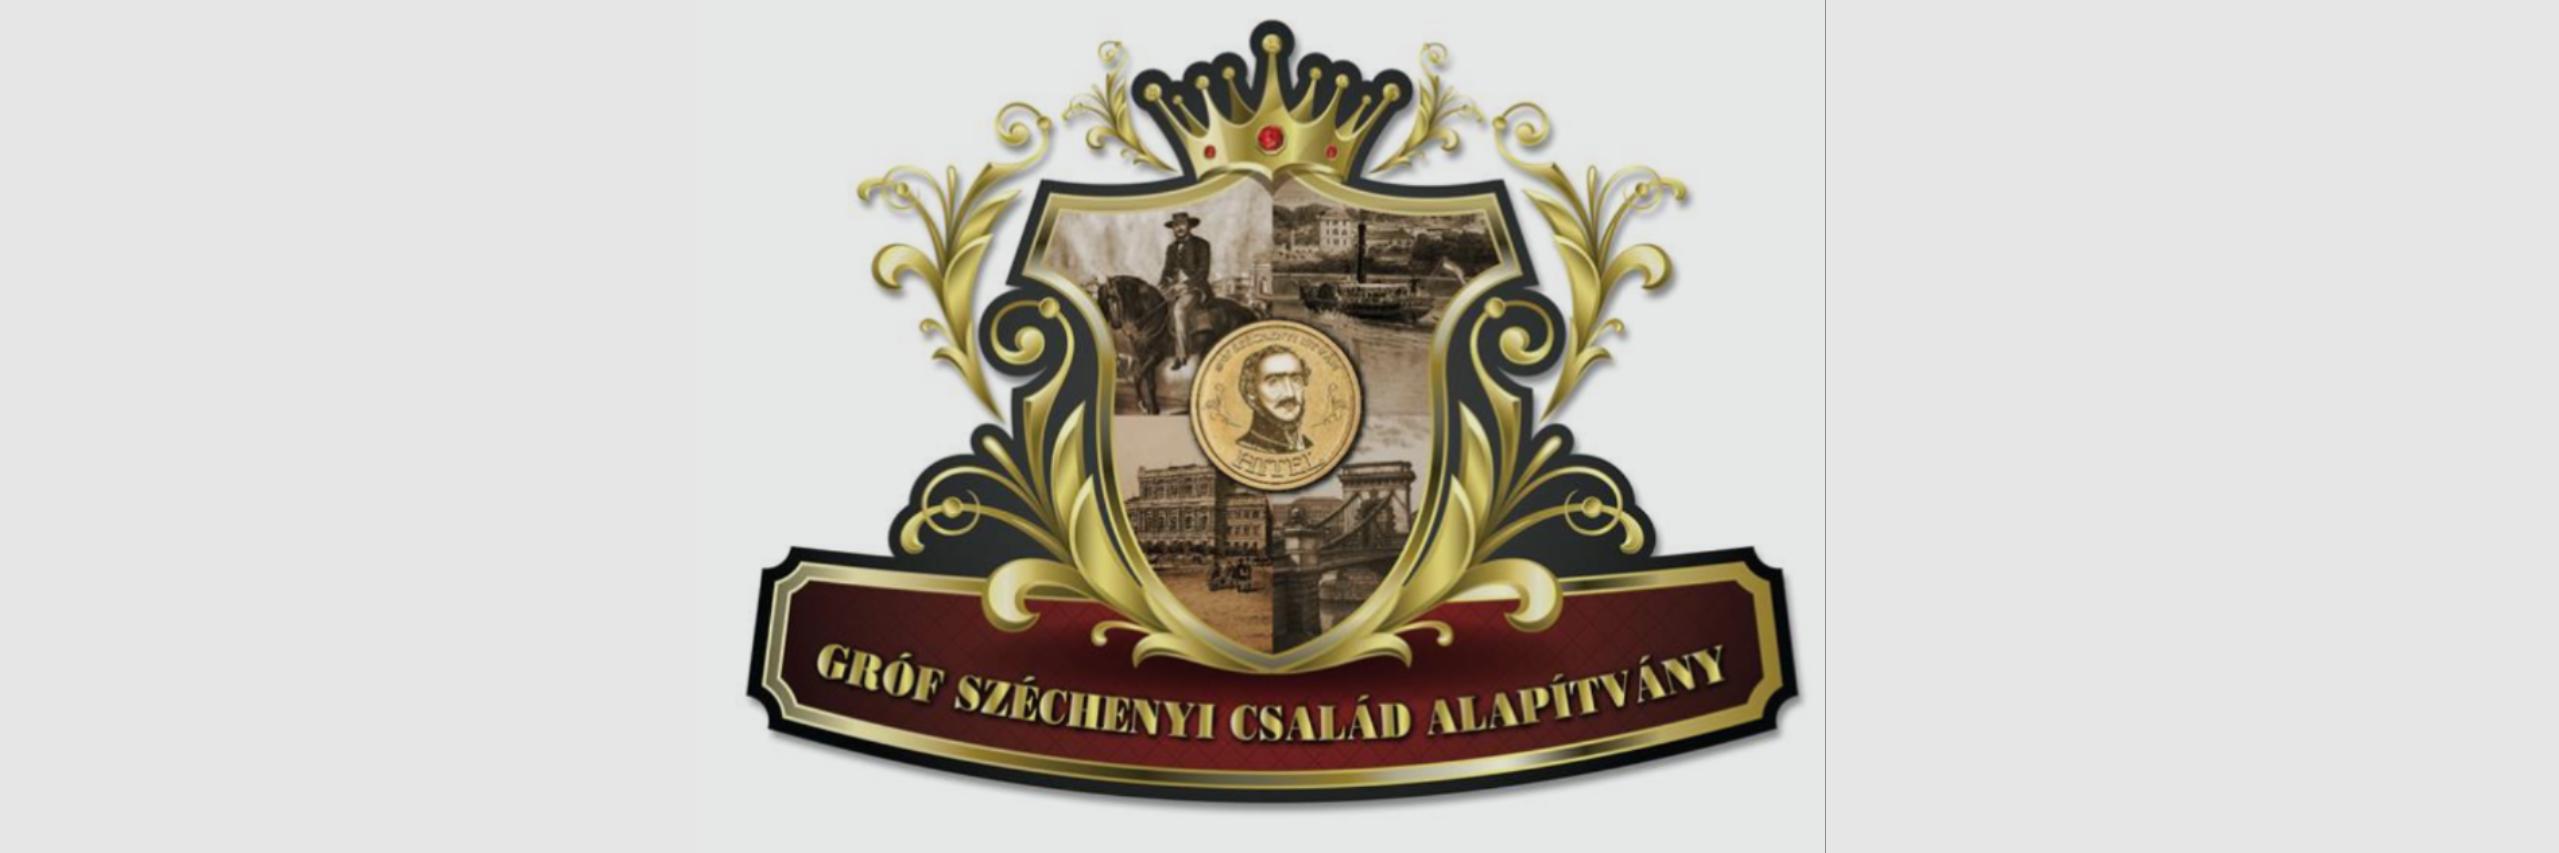 Év Széchenyi Vállalkozása 2019 Díj